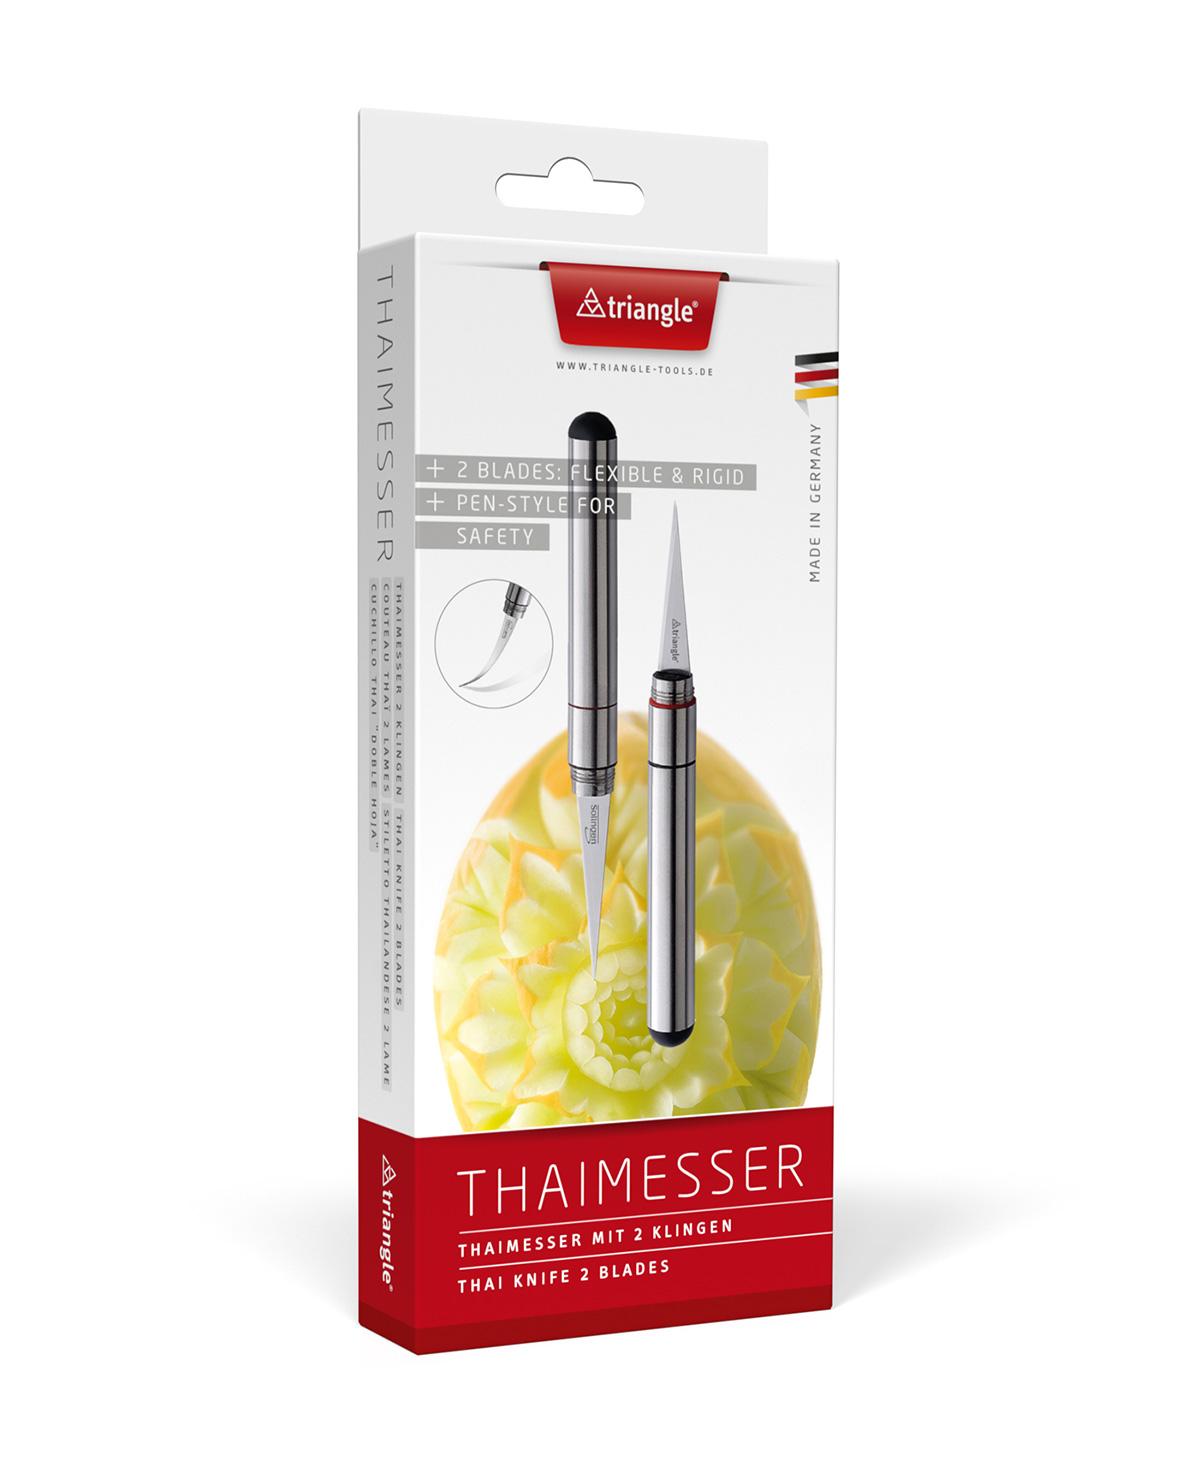 triangle Thaimesser mit 2 Klingen flexibel fest Stift Carving Schnitzmesser Thai Verpackung im Karton